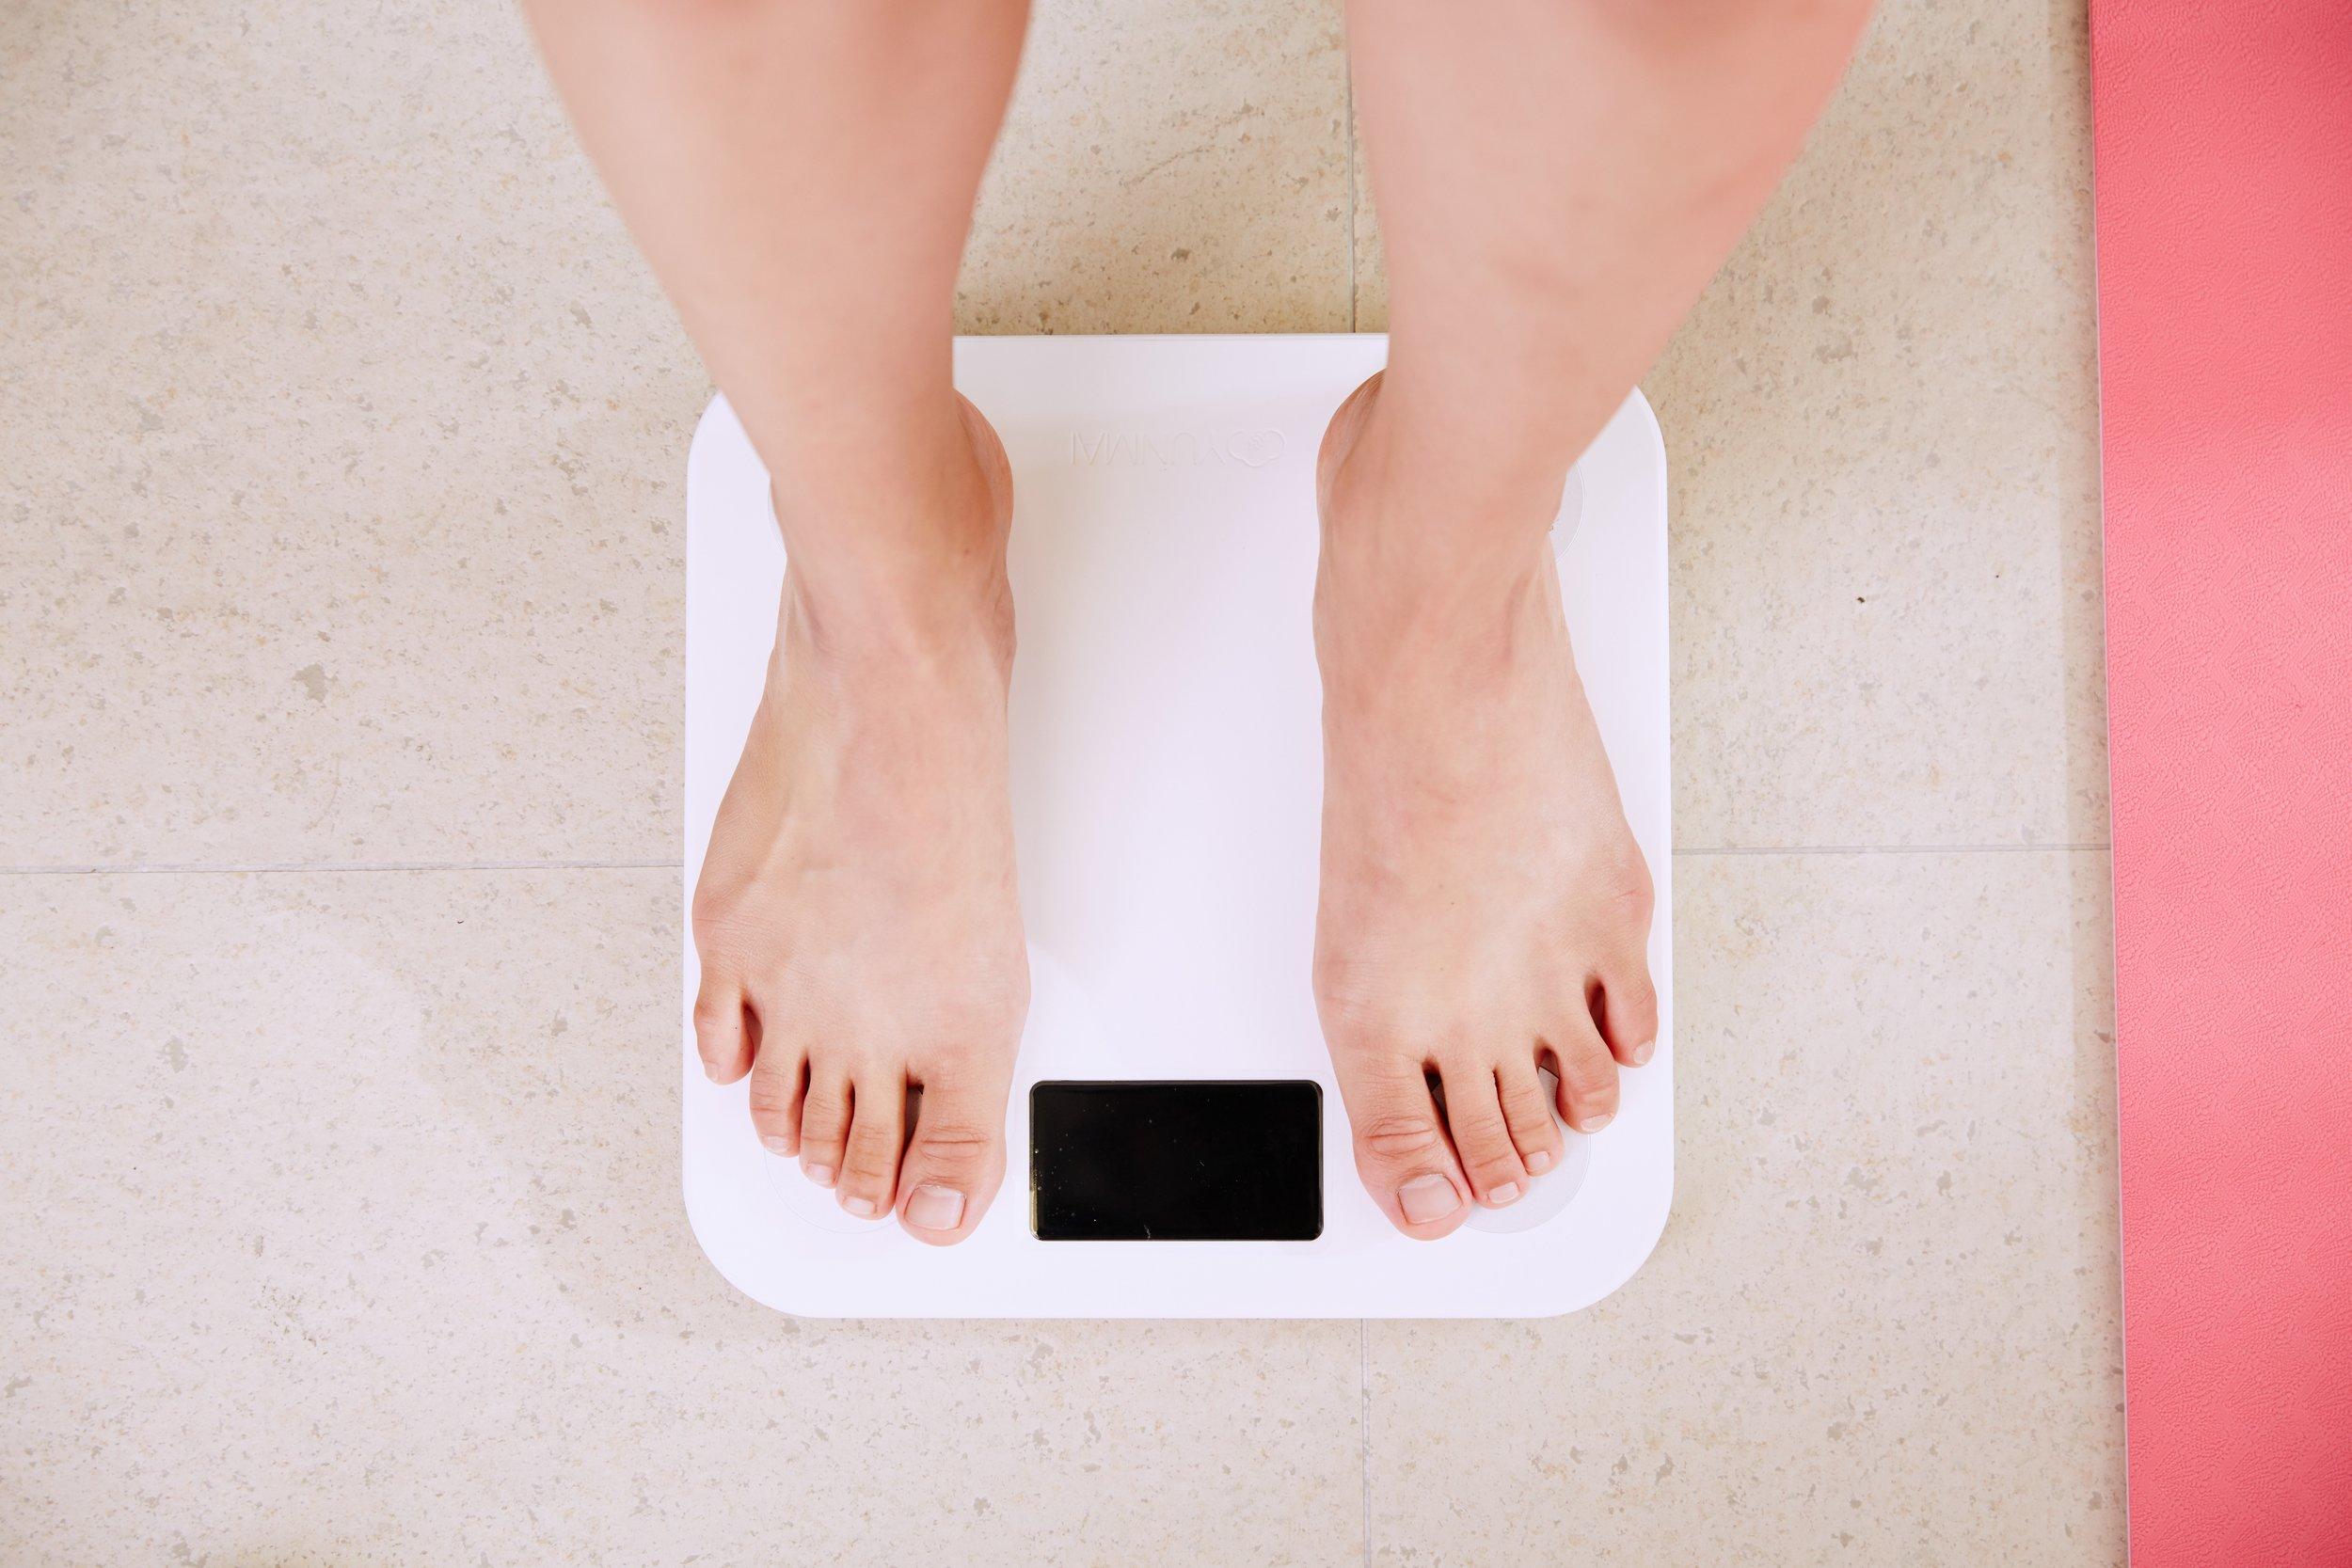 Le conflit psychoémotionnel de la prise de poids par Alix Le Calvez Diététicienne Psychonutritionniste